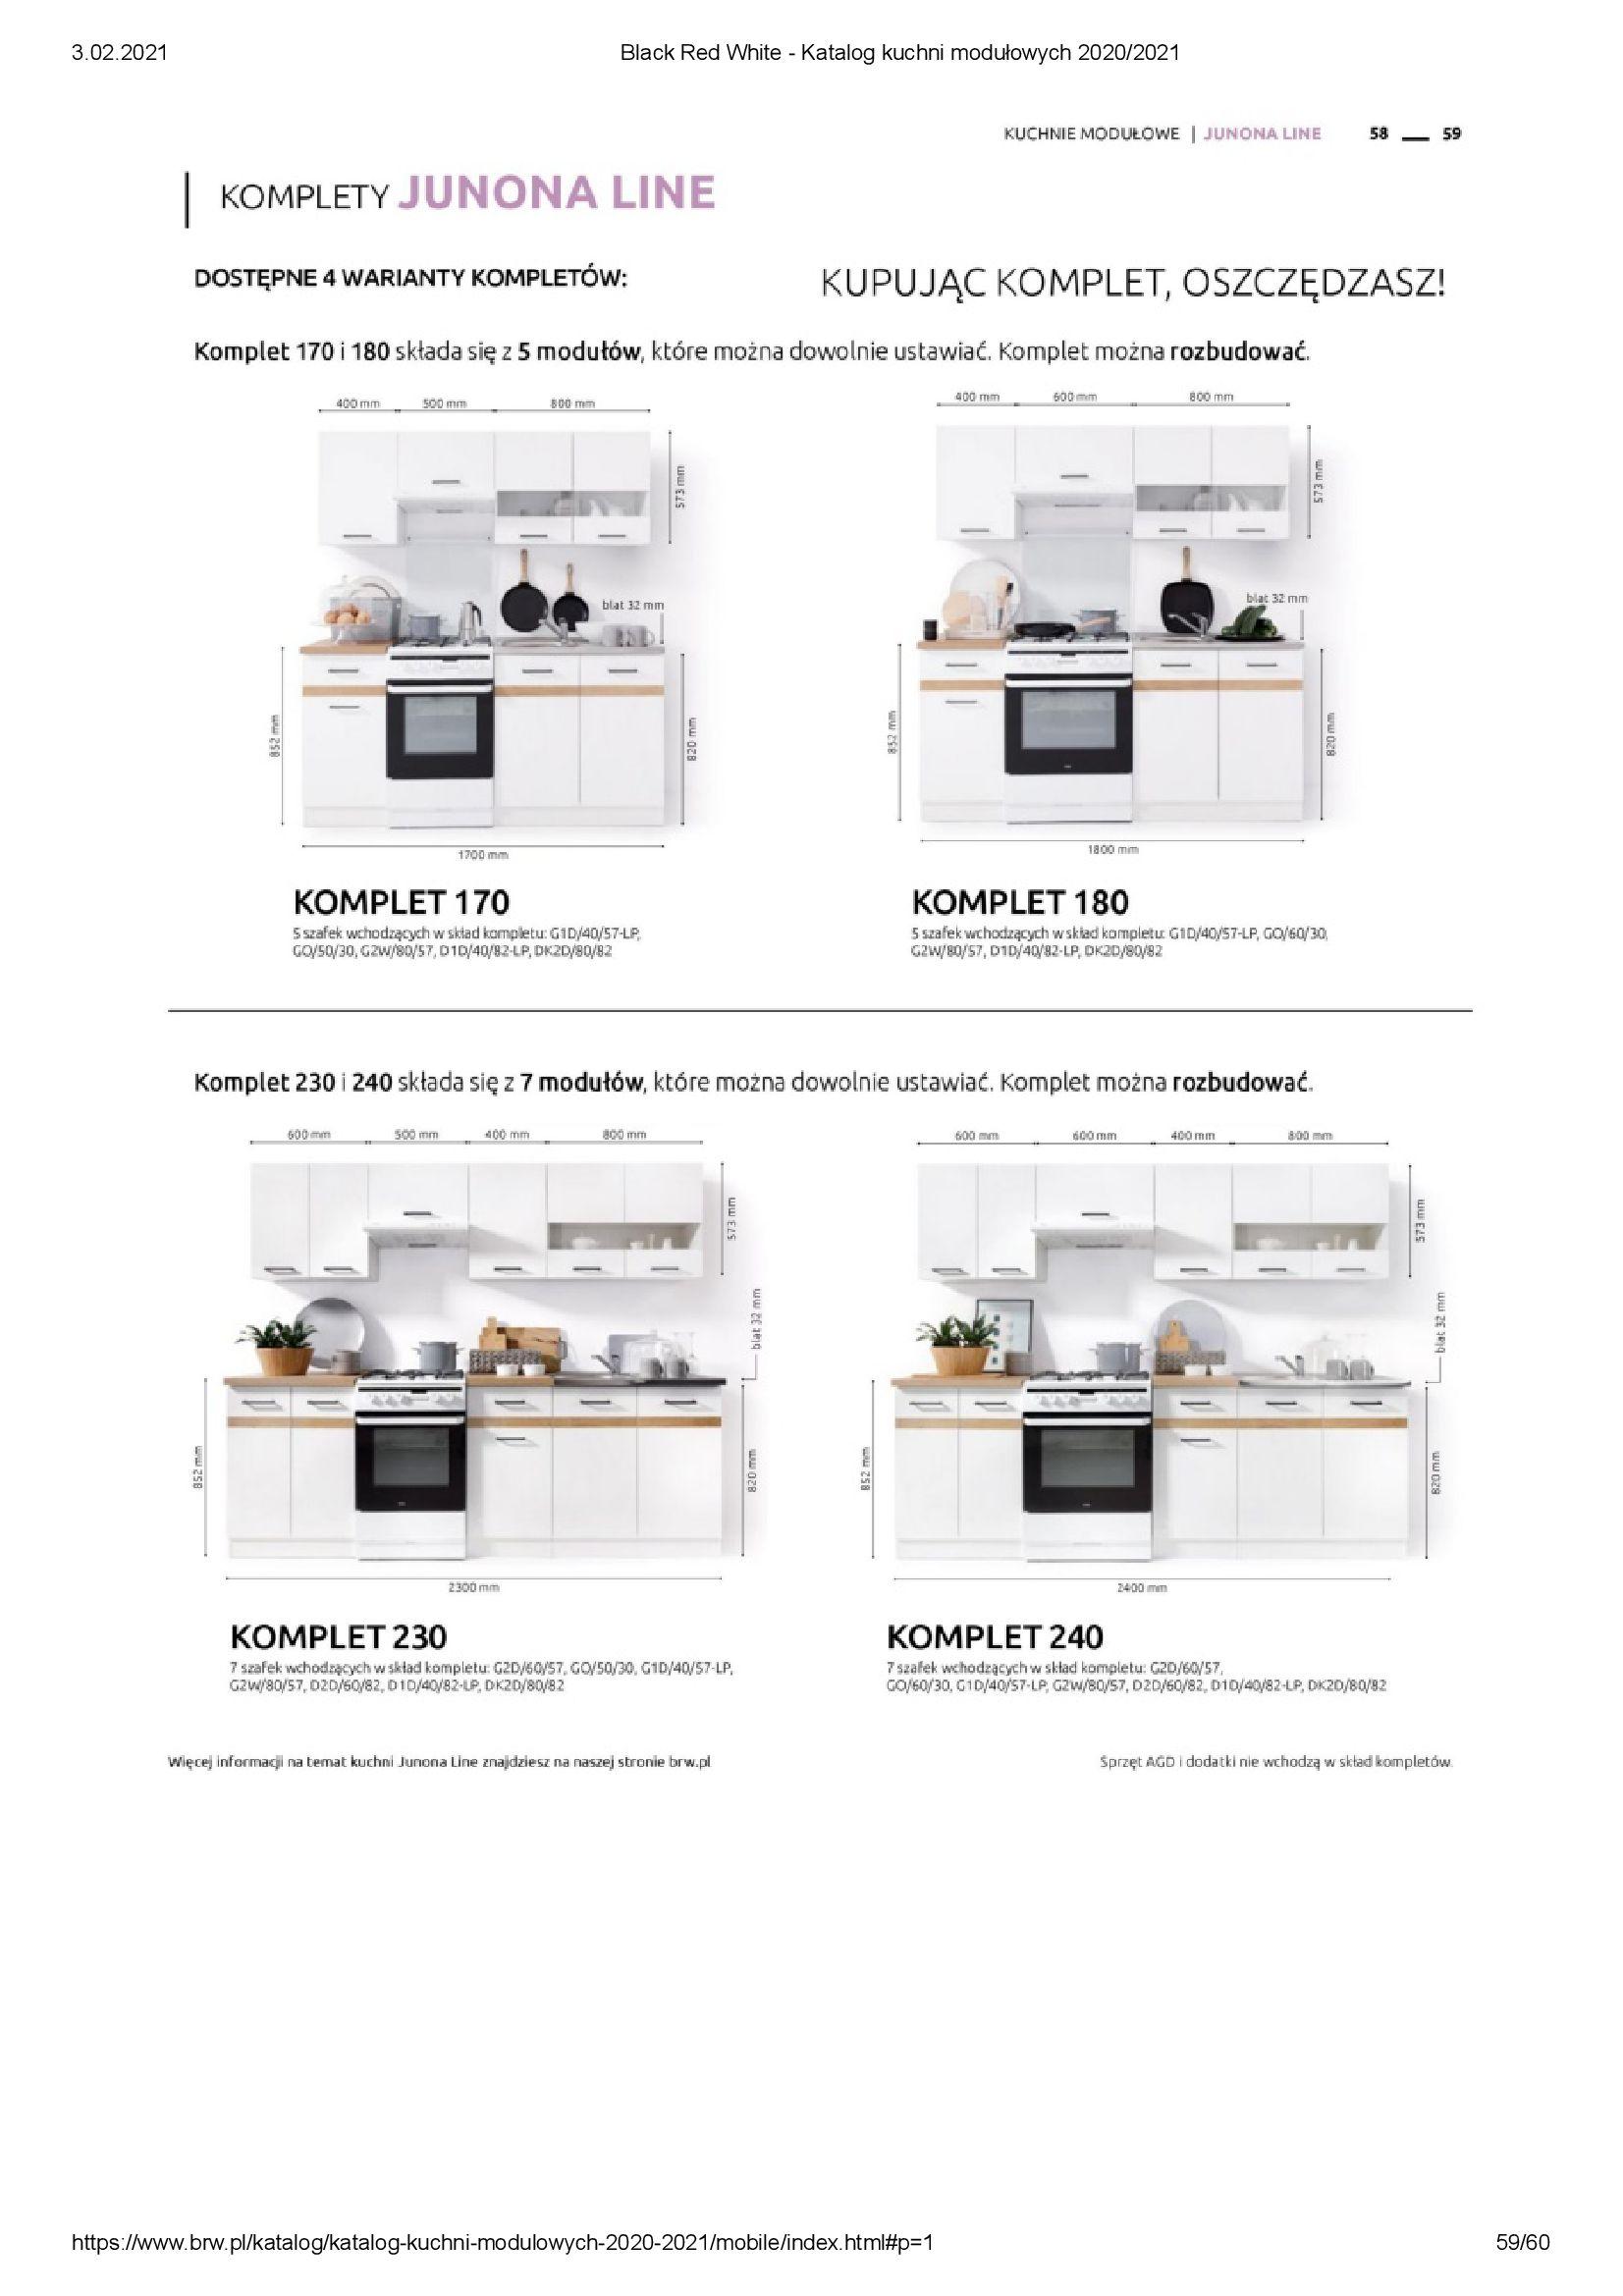 Gazetka Black Red White: Katalog - Kuchnie modułowe 2020/2021 2021-01-01 page-59